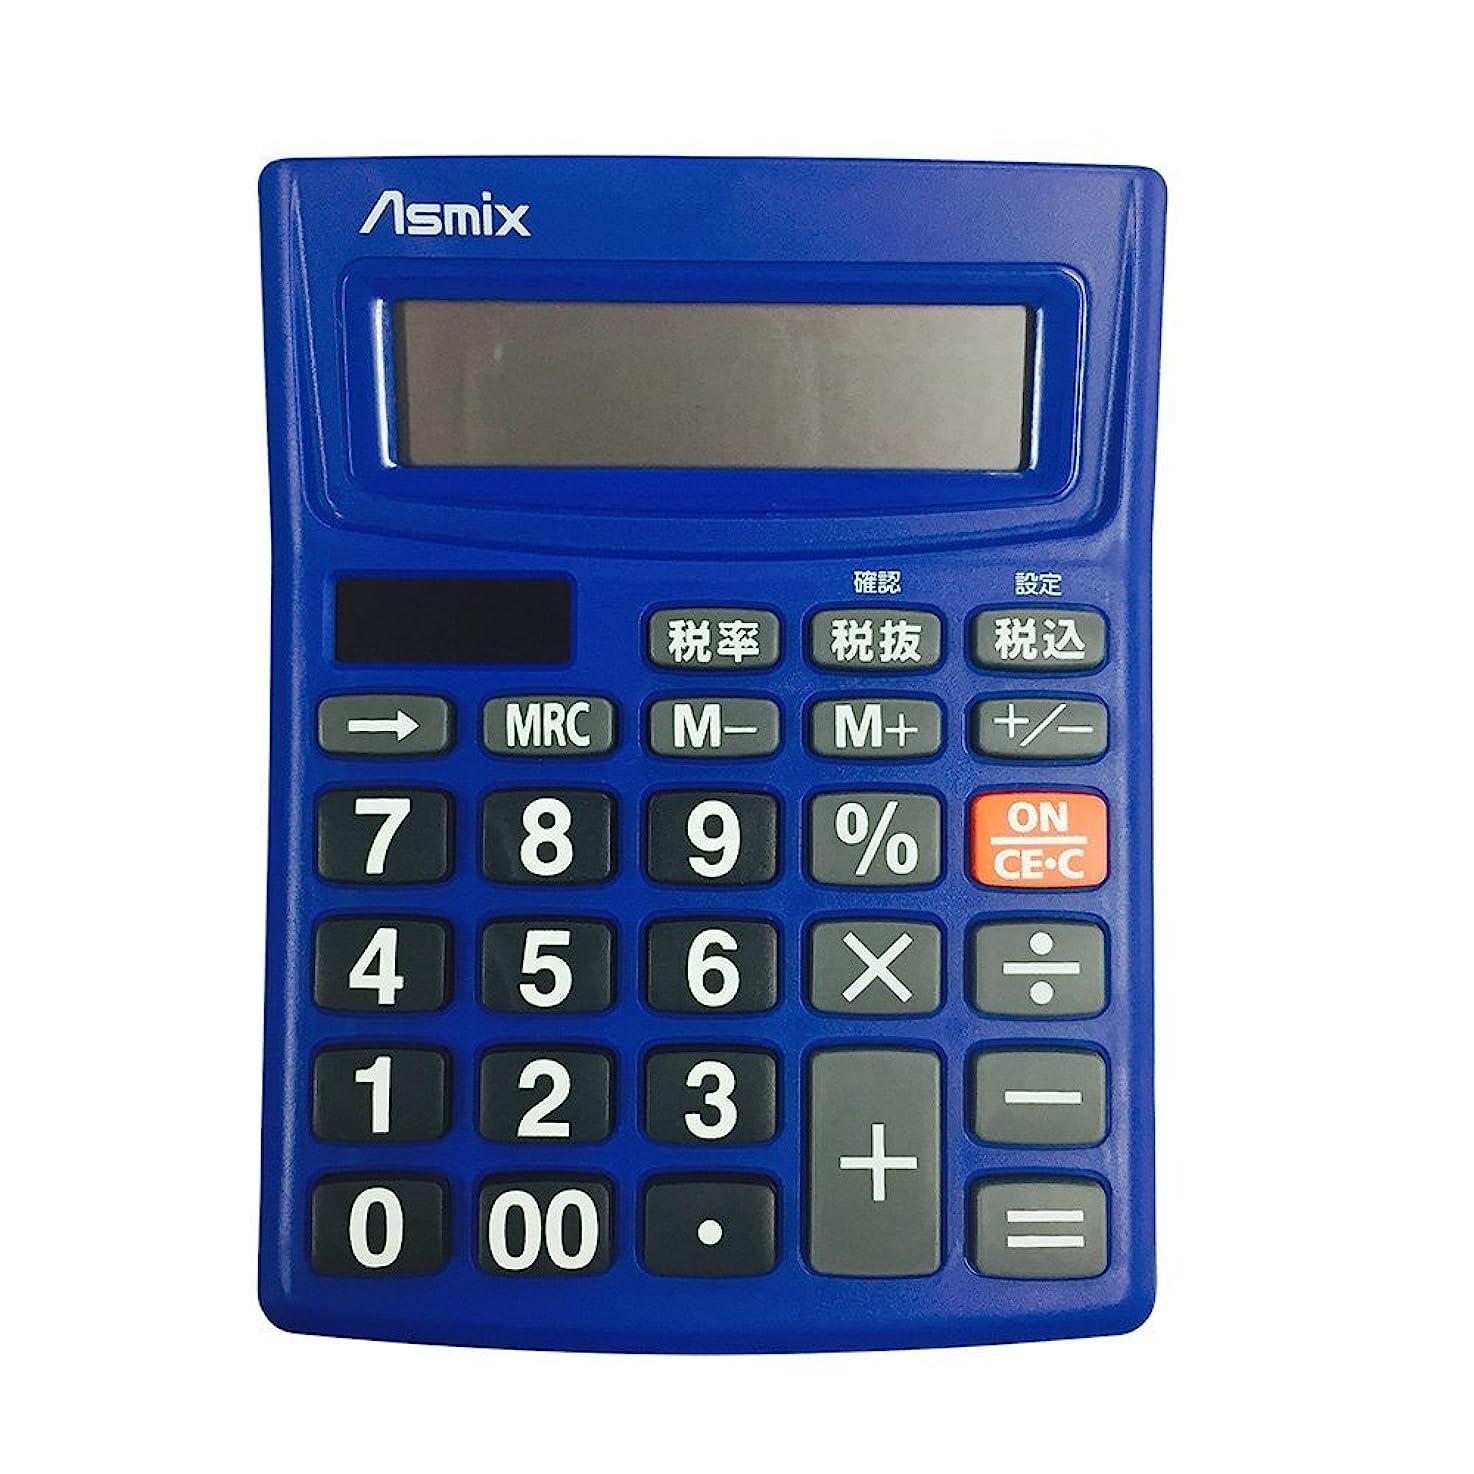 忘れられない曇った登山家(まとめ買い) アスカ Asmix ビジネス電卓 ブルー C1234B 【×5】